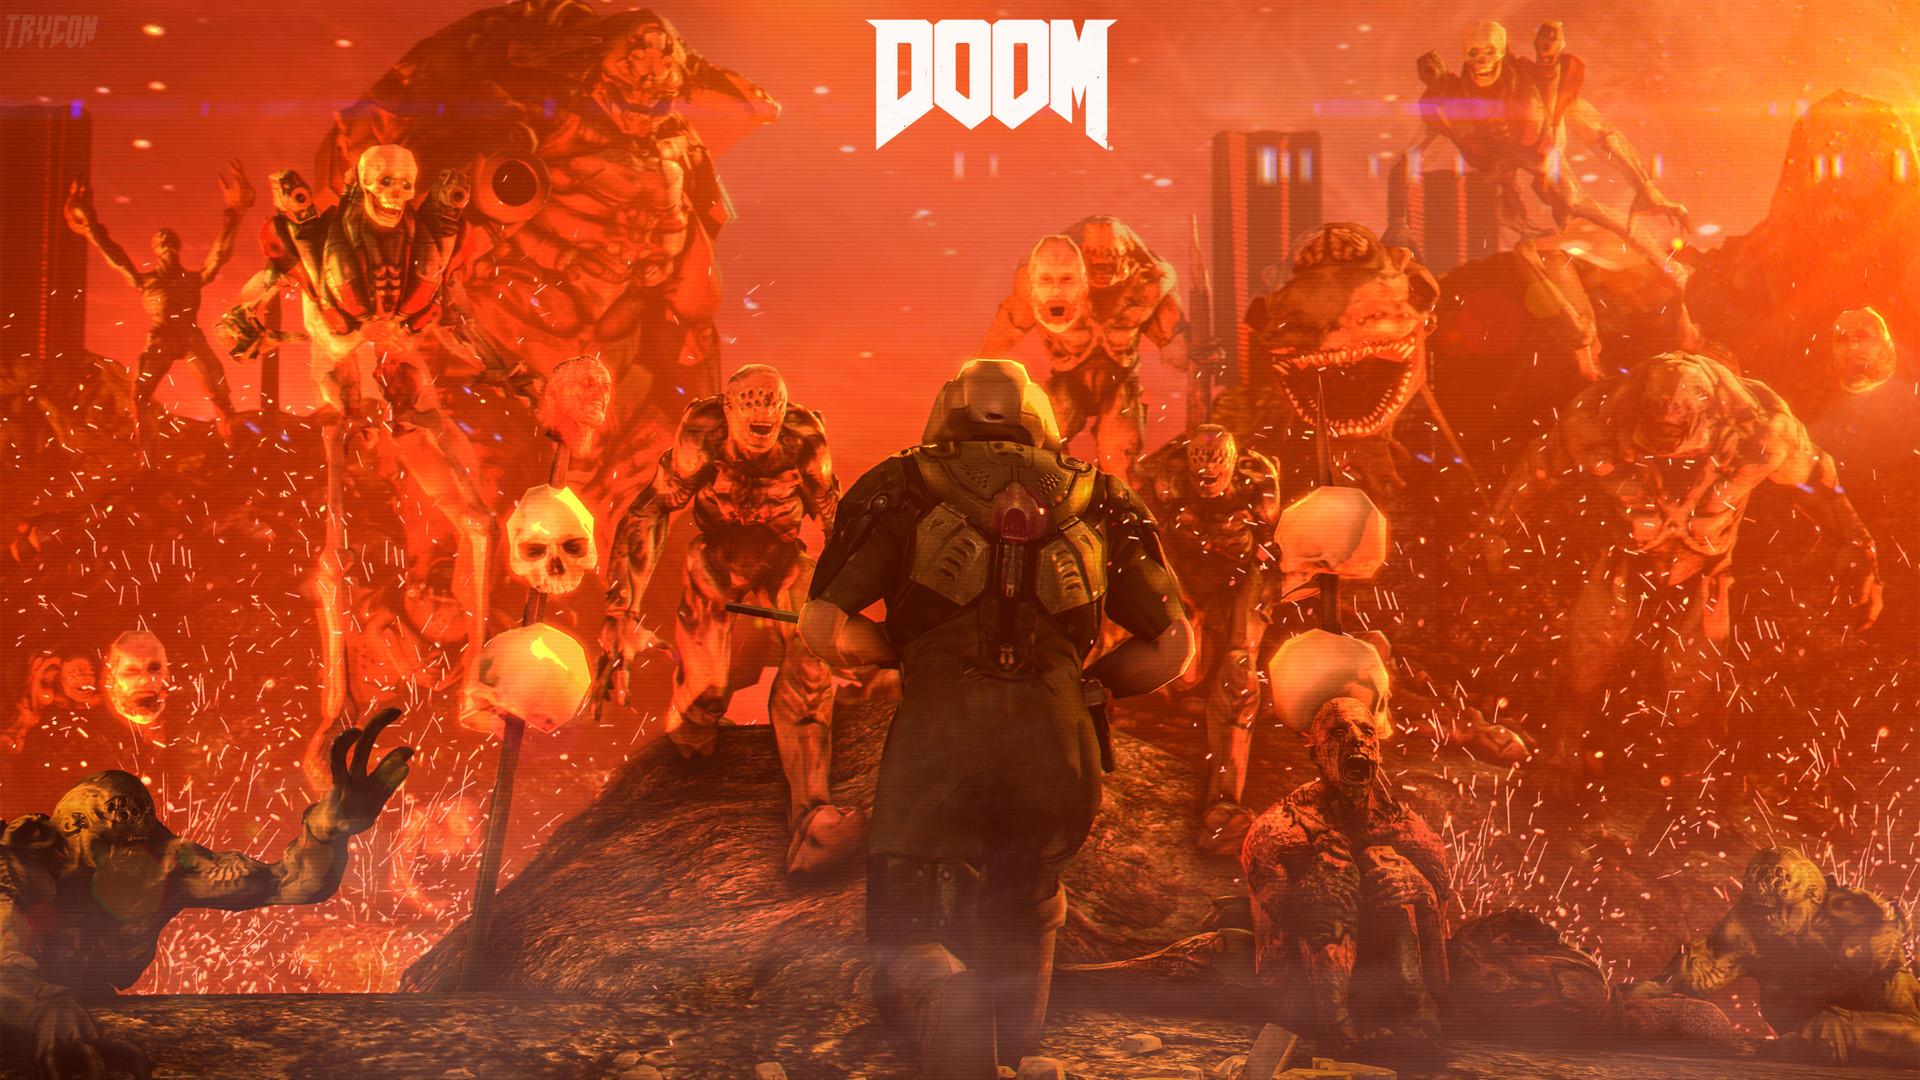 doom-4-digital-art-wallpaper.jpg